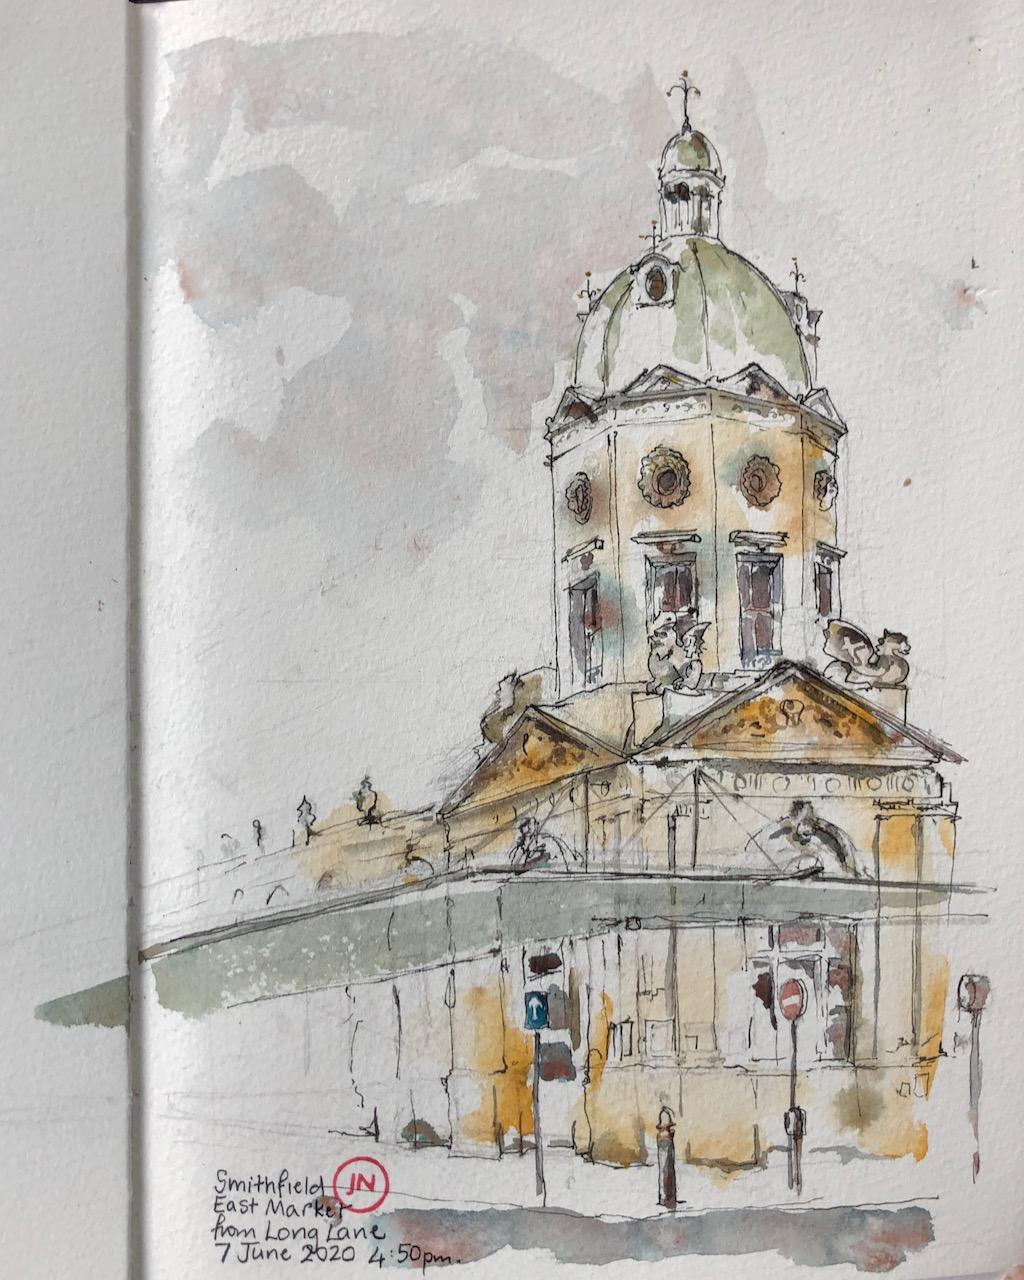 Smithfield East Market EC1 from LongLane